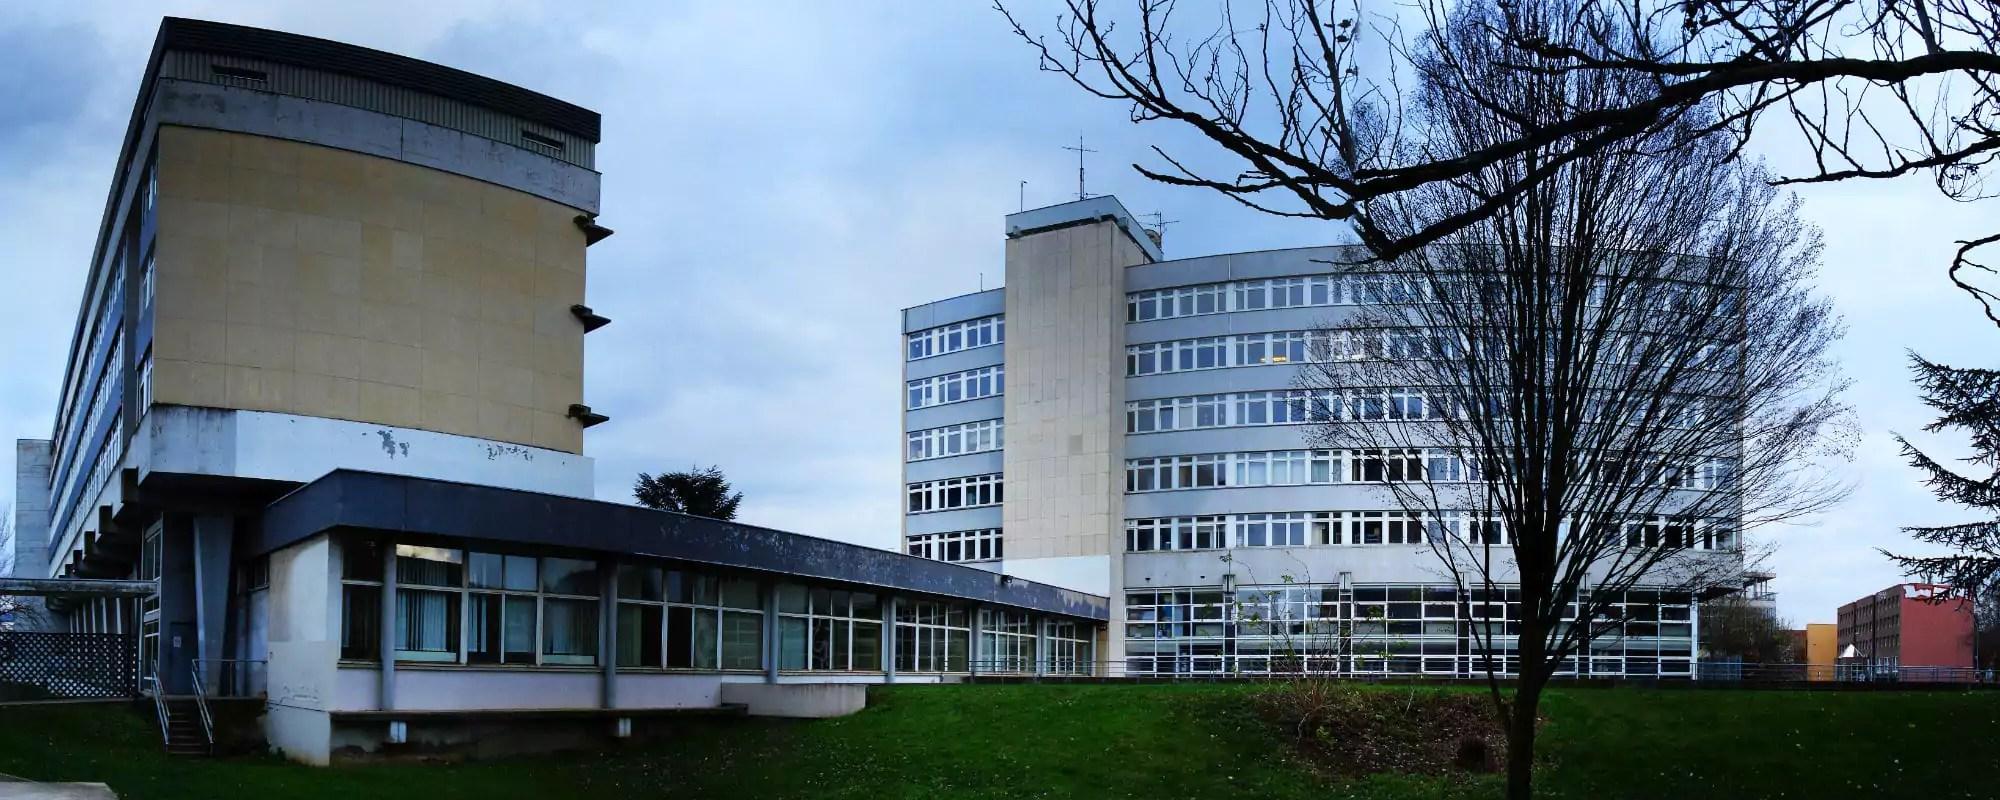 Sexisme à l'Université de Strasbourg : le bad buzz fait timidement bouger la direction